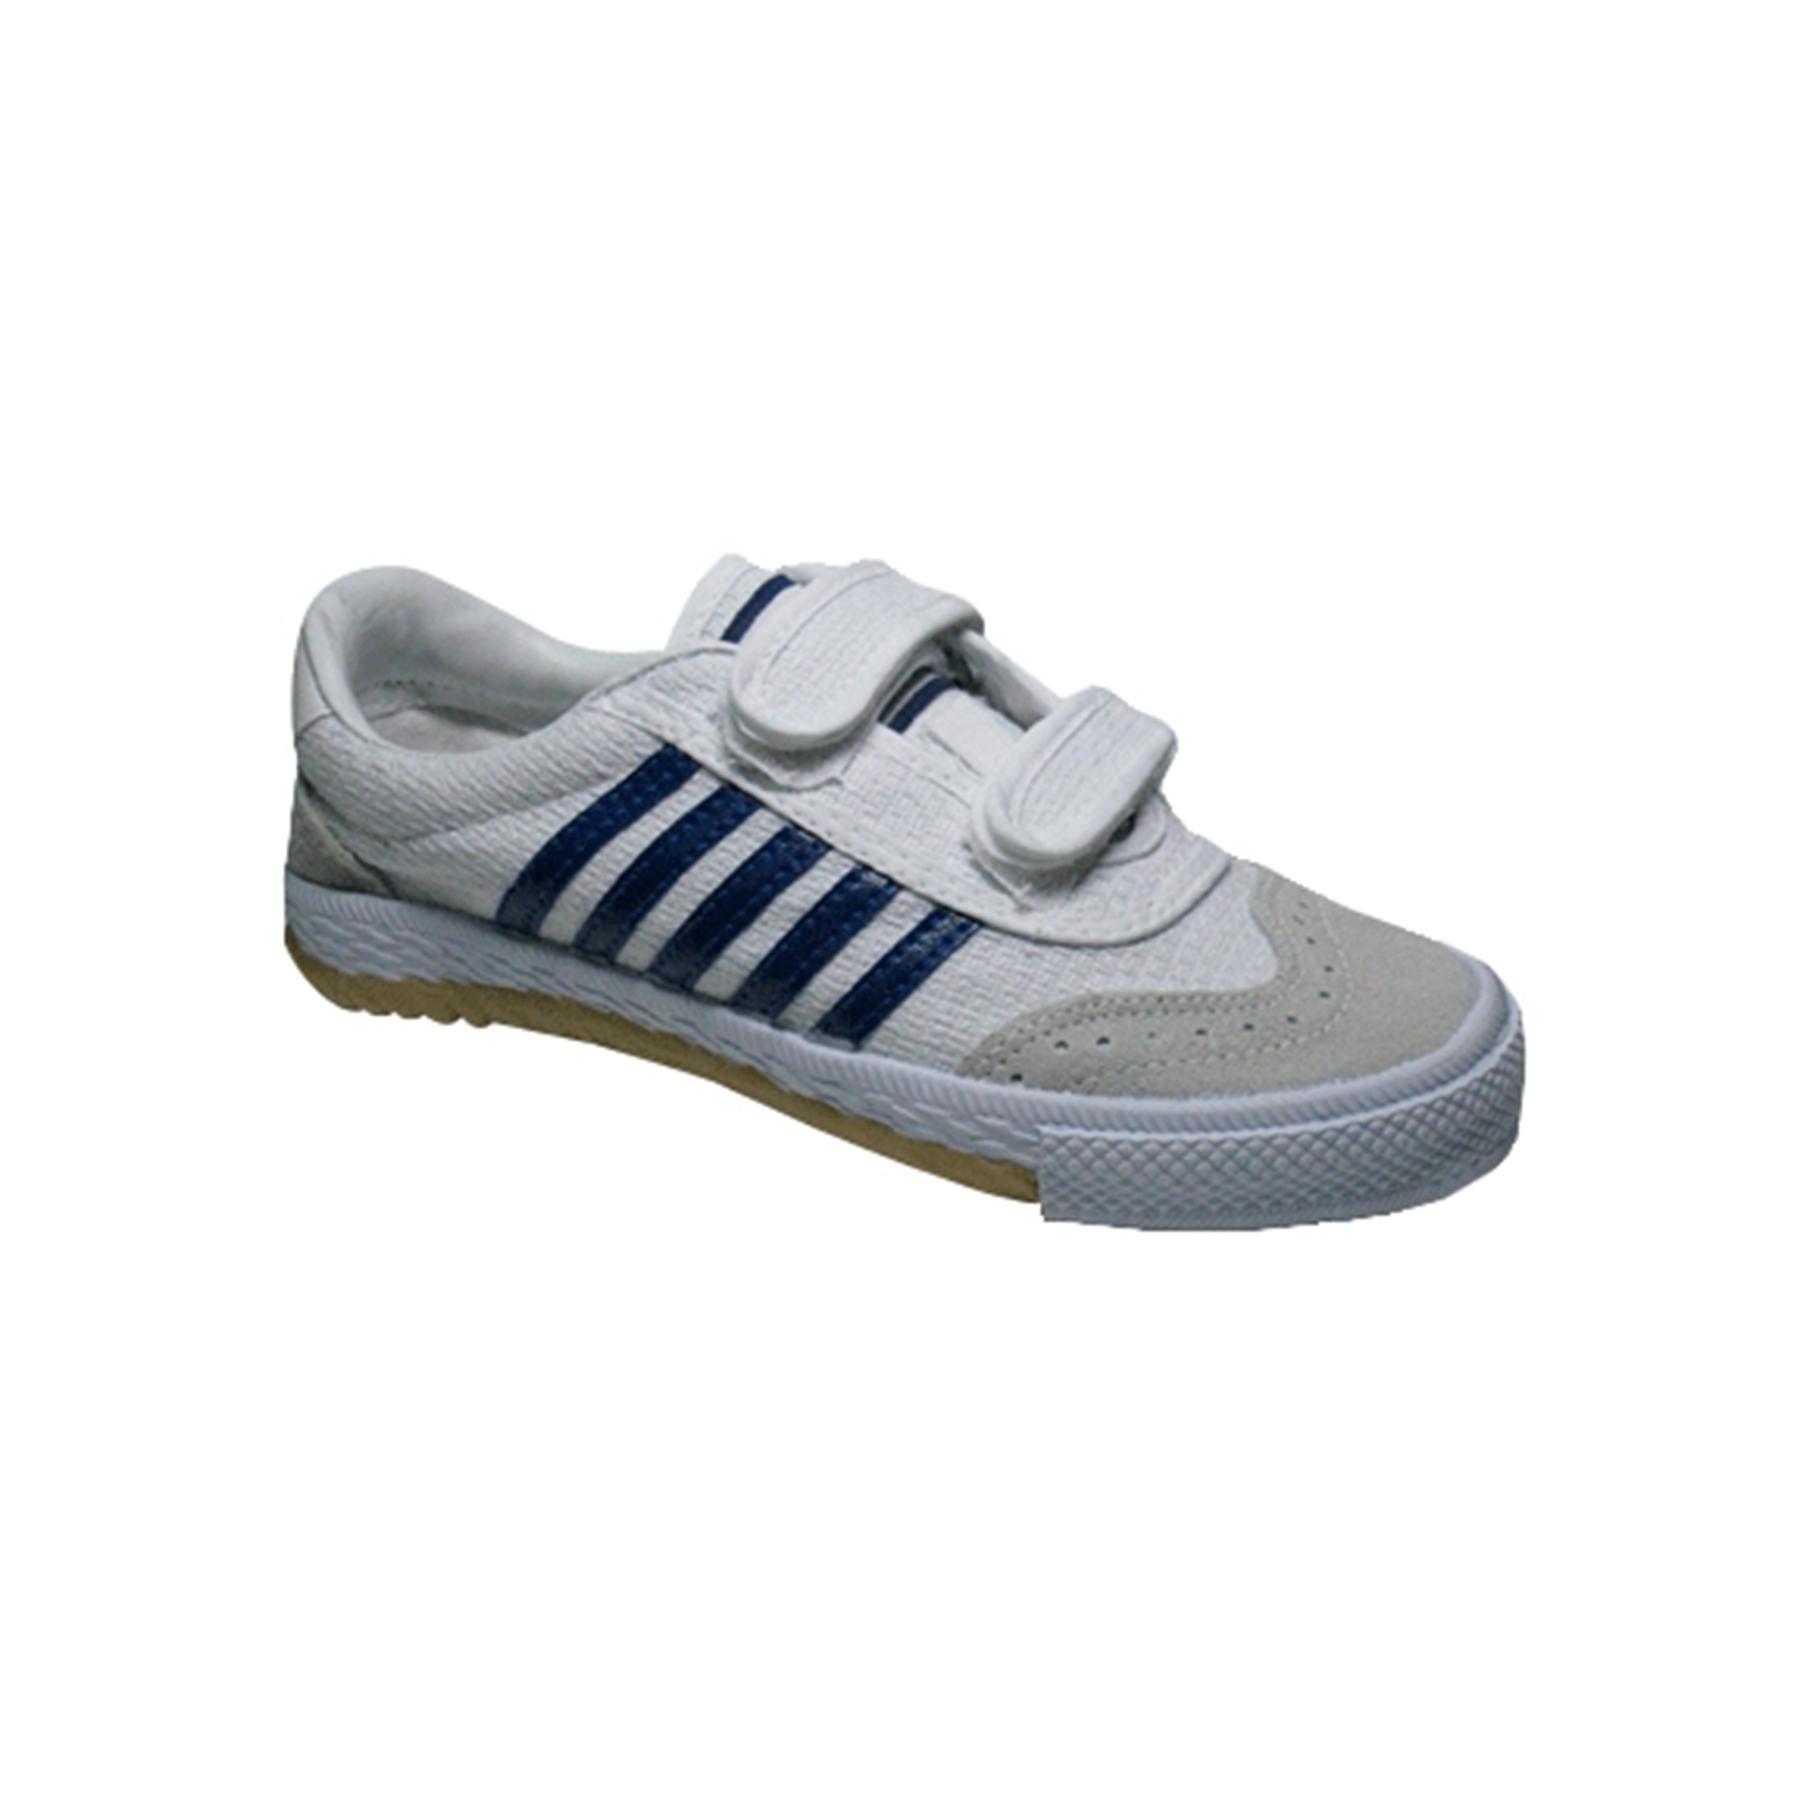 Обувь спорт. Trien  А 120-17 Т белая с синим на липах р. 39 АКЦИЯ!